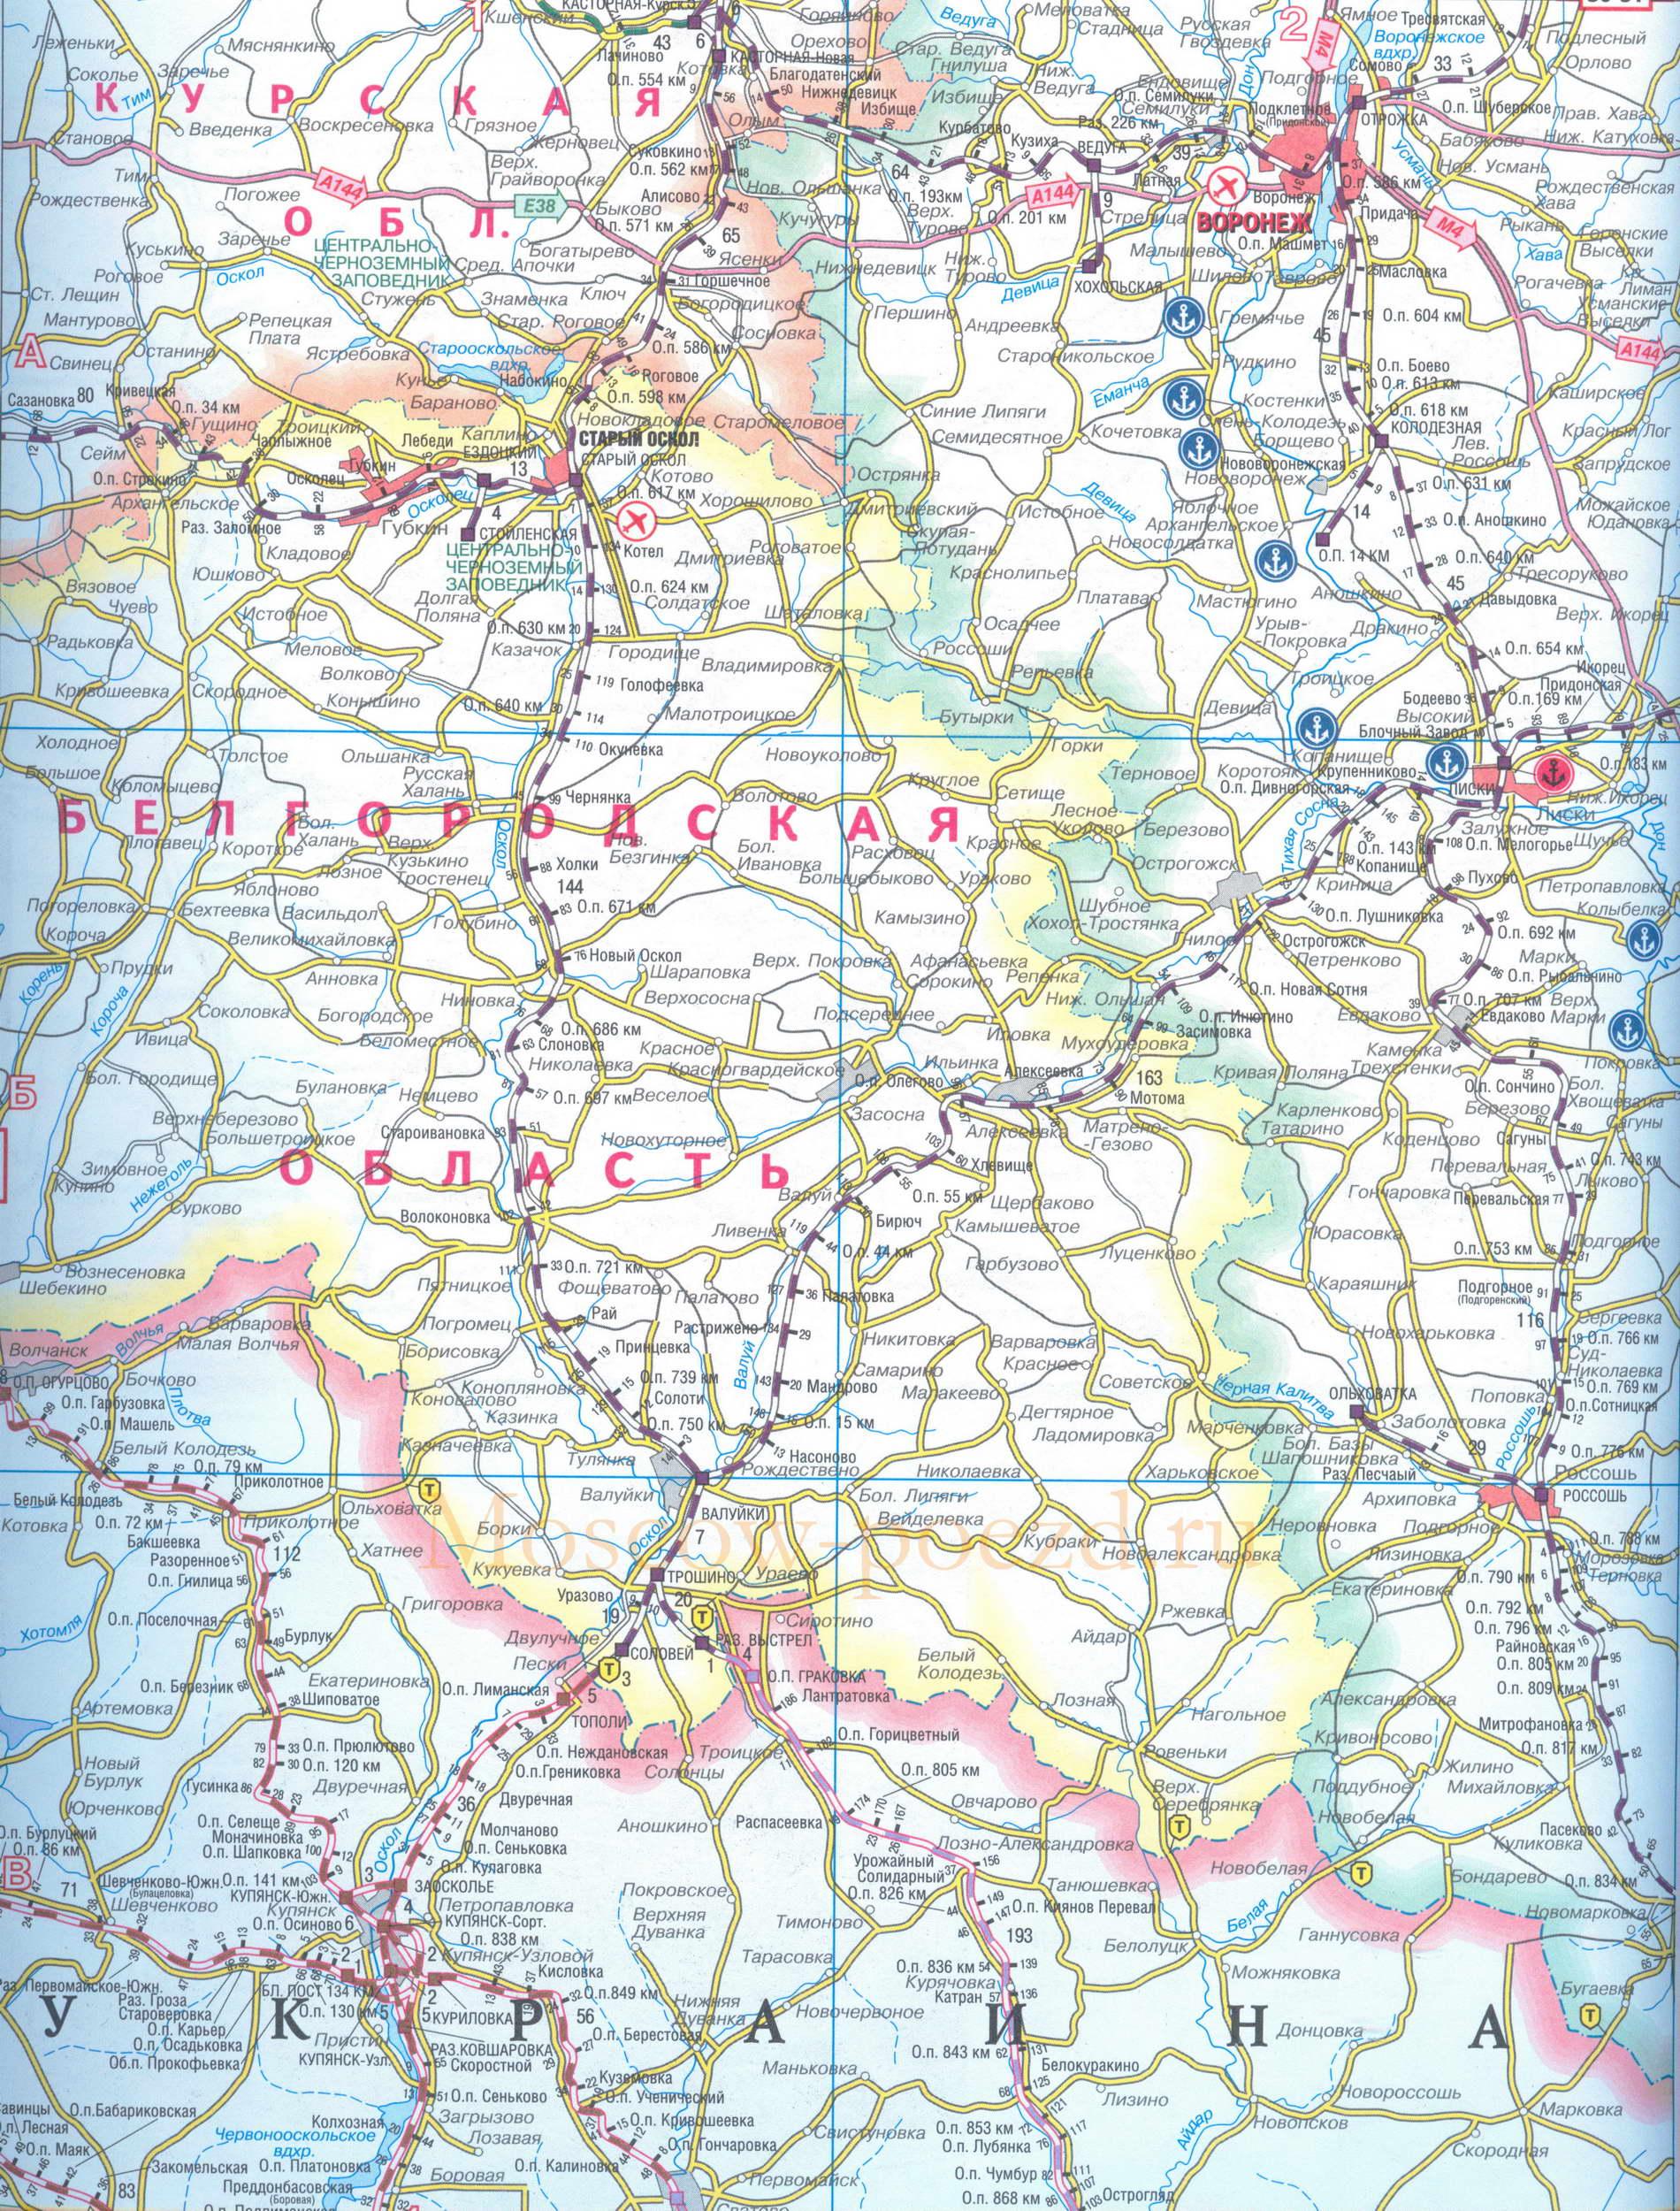 Карты Автодорог Европы Проложить Маршрут 2015 Года